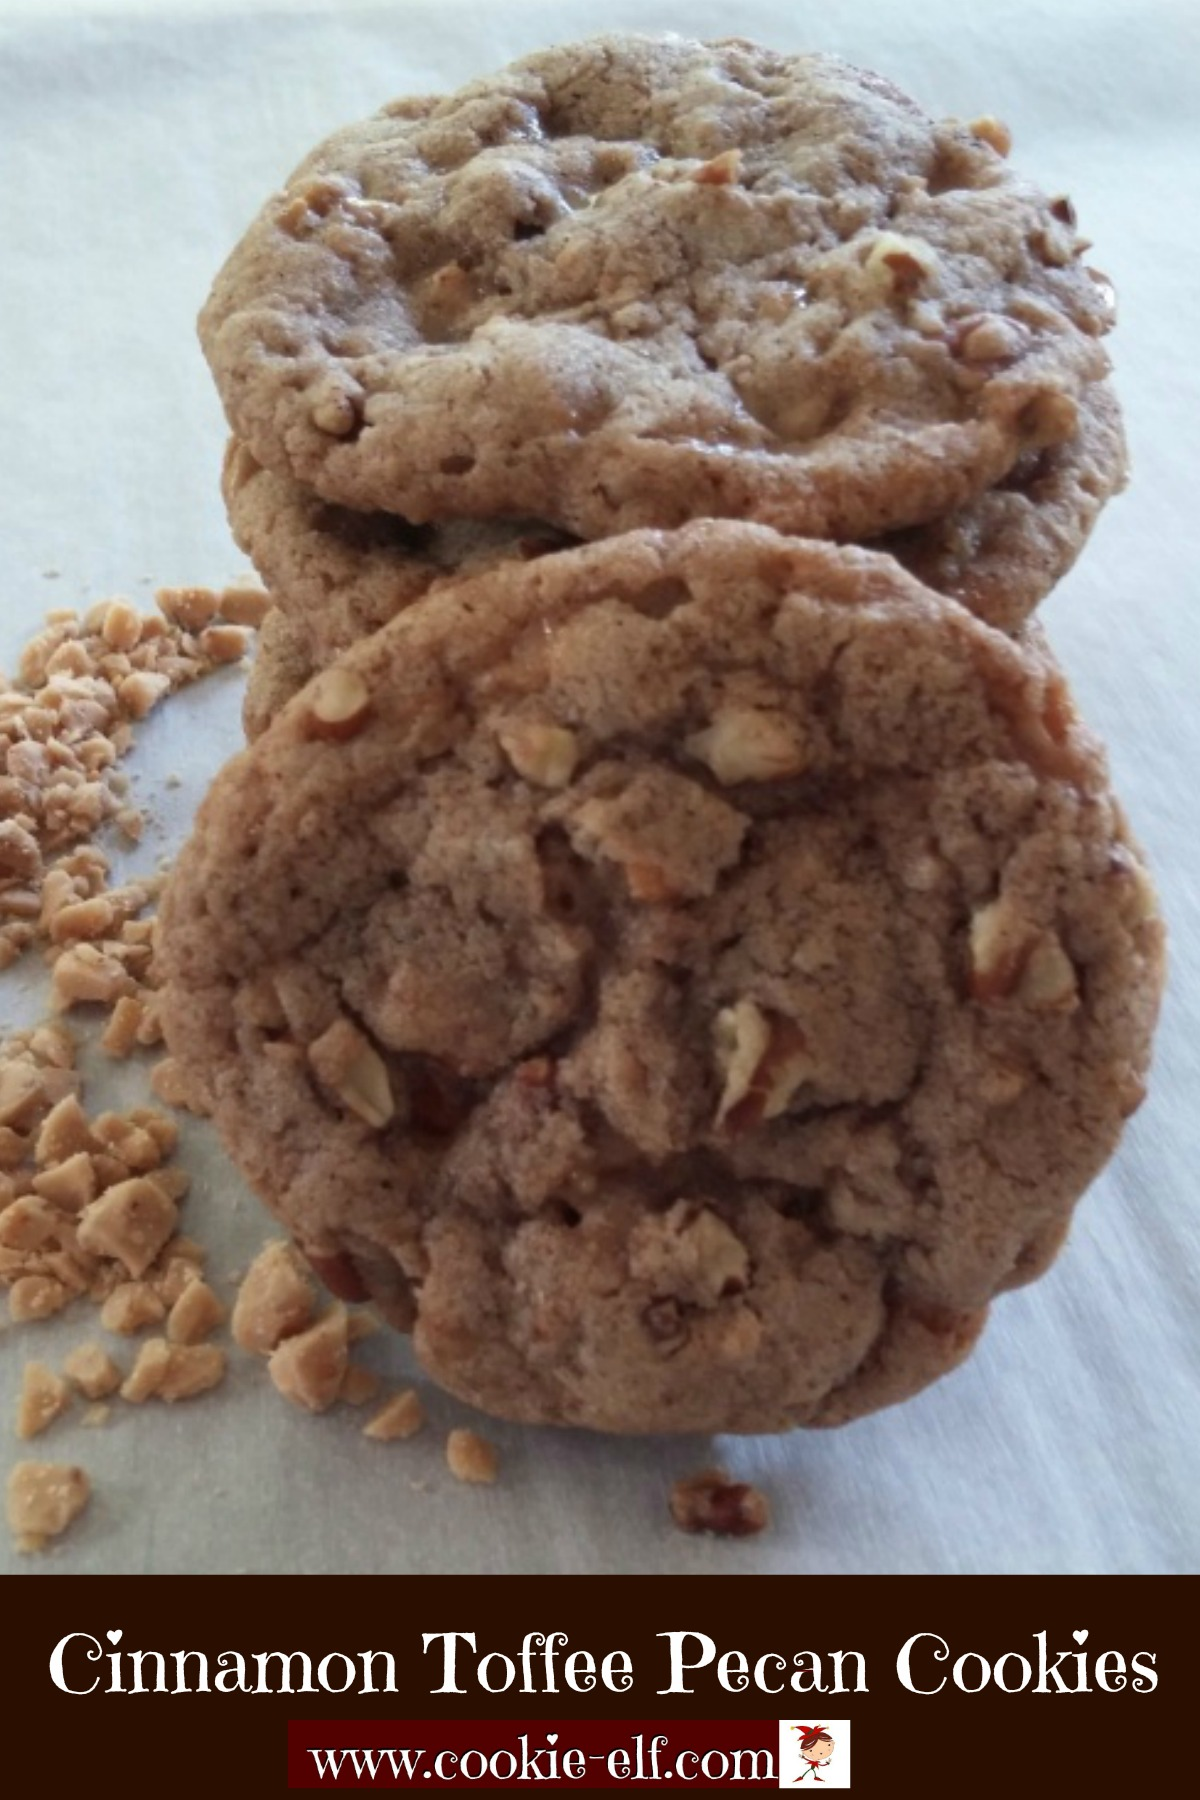 Cinnamon Toffee Pecan Cookies